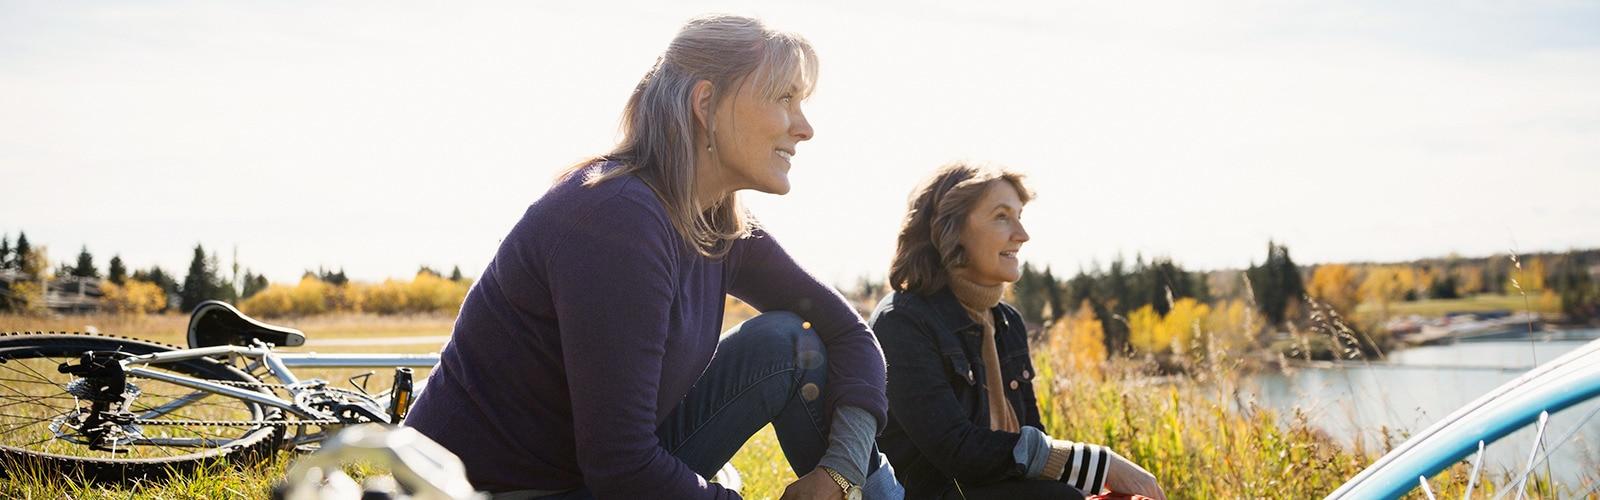 Due donne con le biciclette, sedute nell'erba, si rilassano sotto il sole in un campo